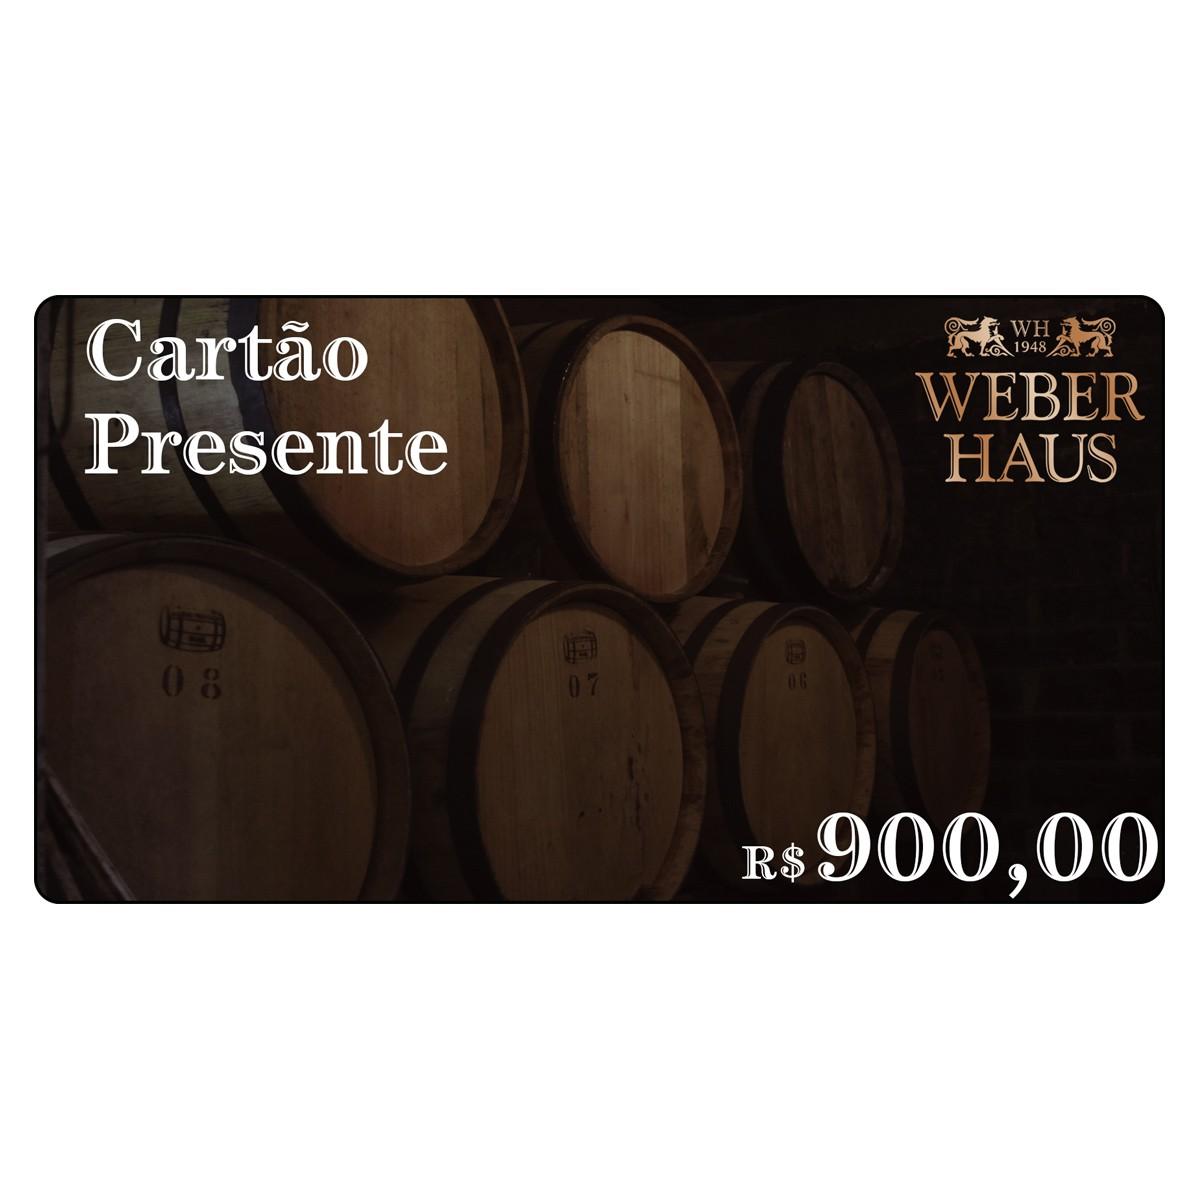 Cartão Presente no Valor de R$900,00